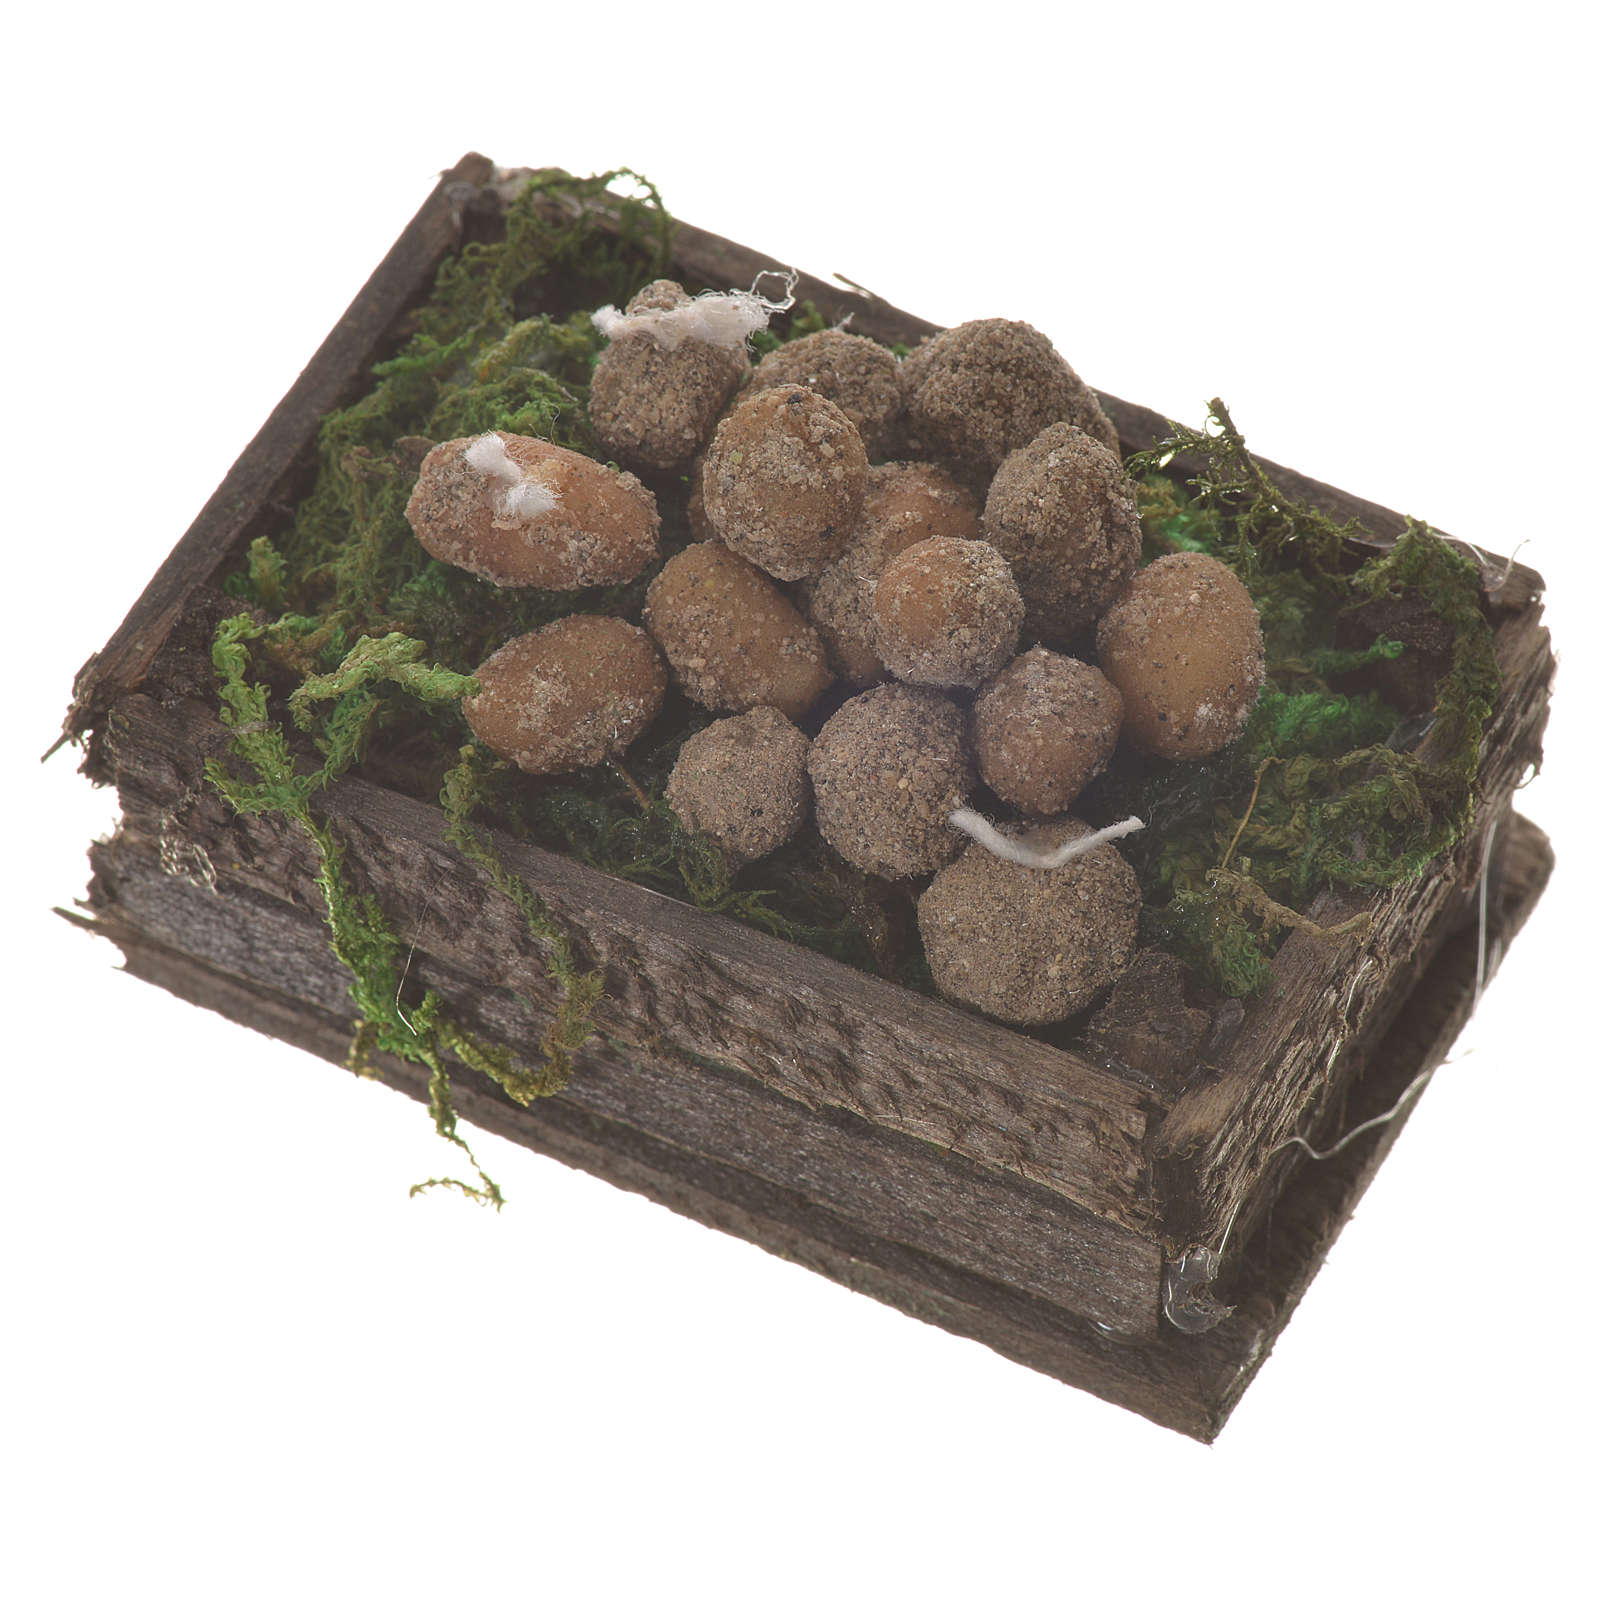 Skrzynka ziemniaki wosk do figur szopka 20-24 cm 4